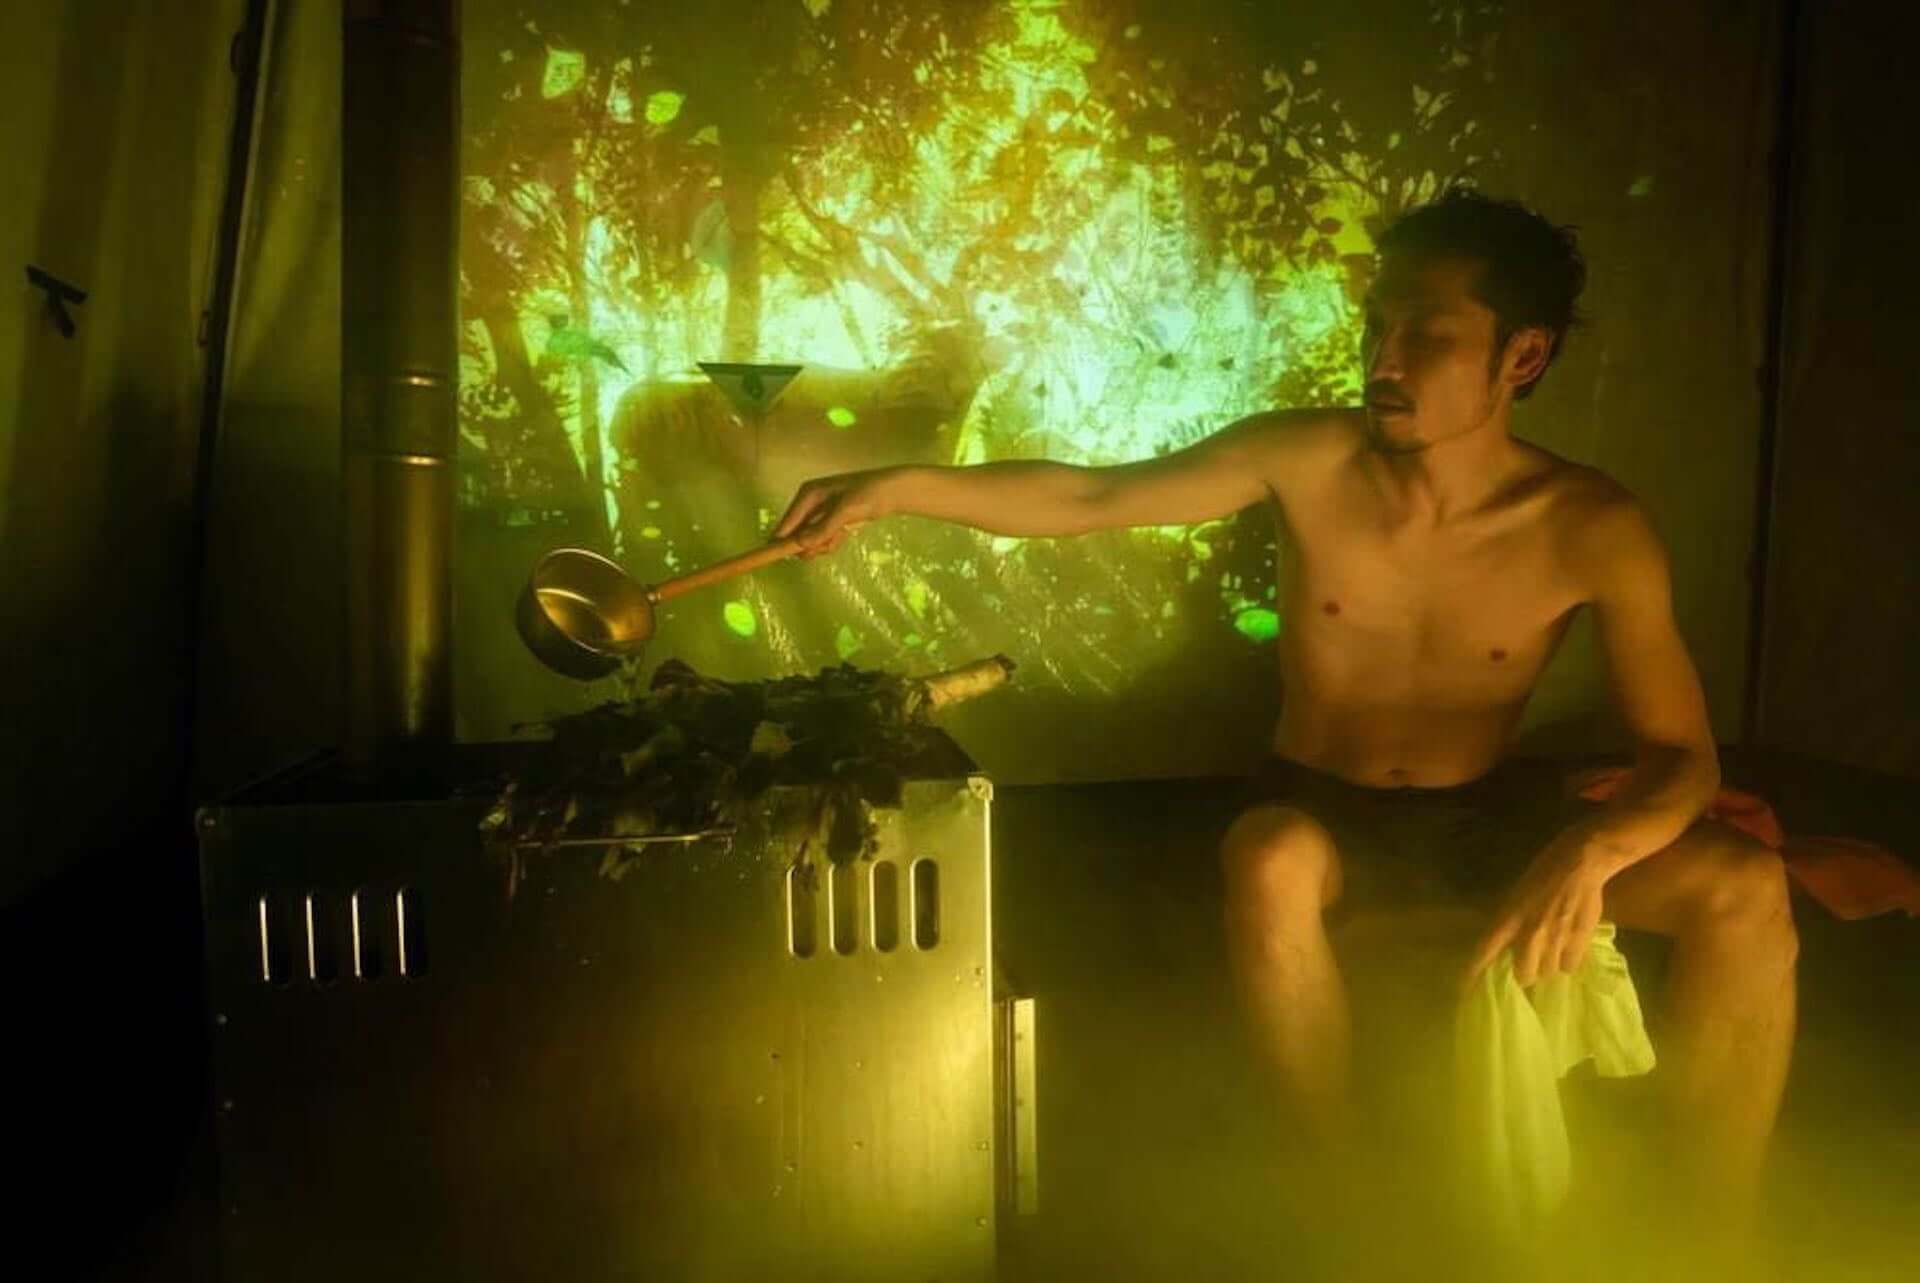 """五感で""""ととのう""""アートサウナ体験を!デートにもおすすめなテントサウナイベントが東京・有明にて開催中 lf201218_naked-sauna_8-1920x1283"""